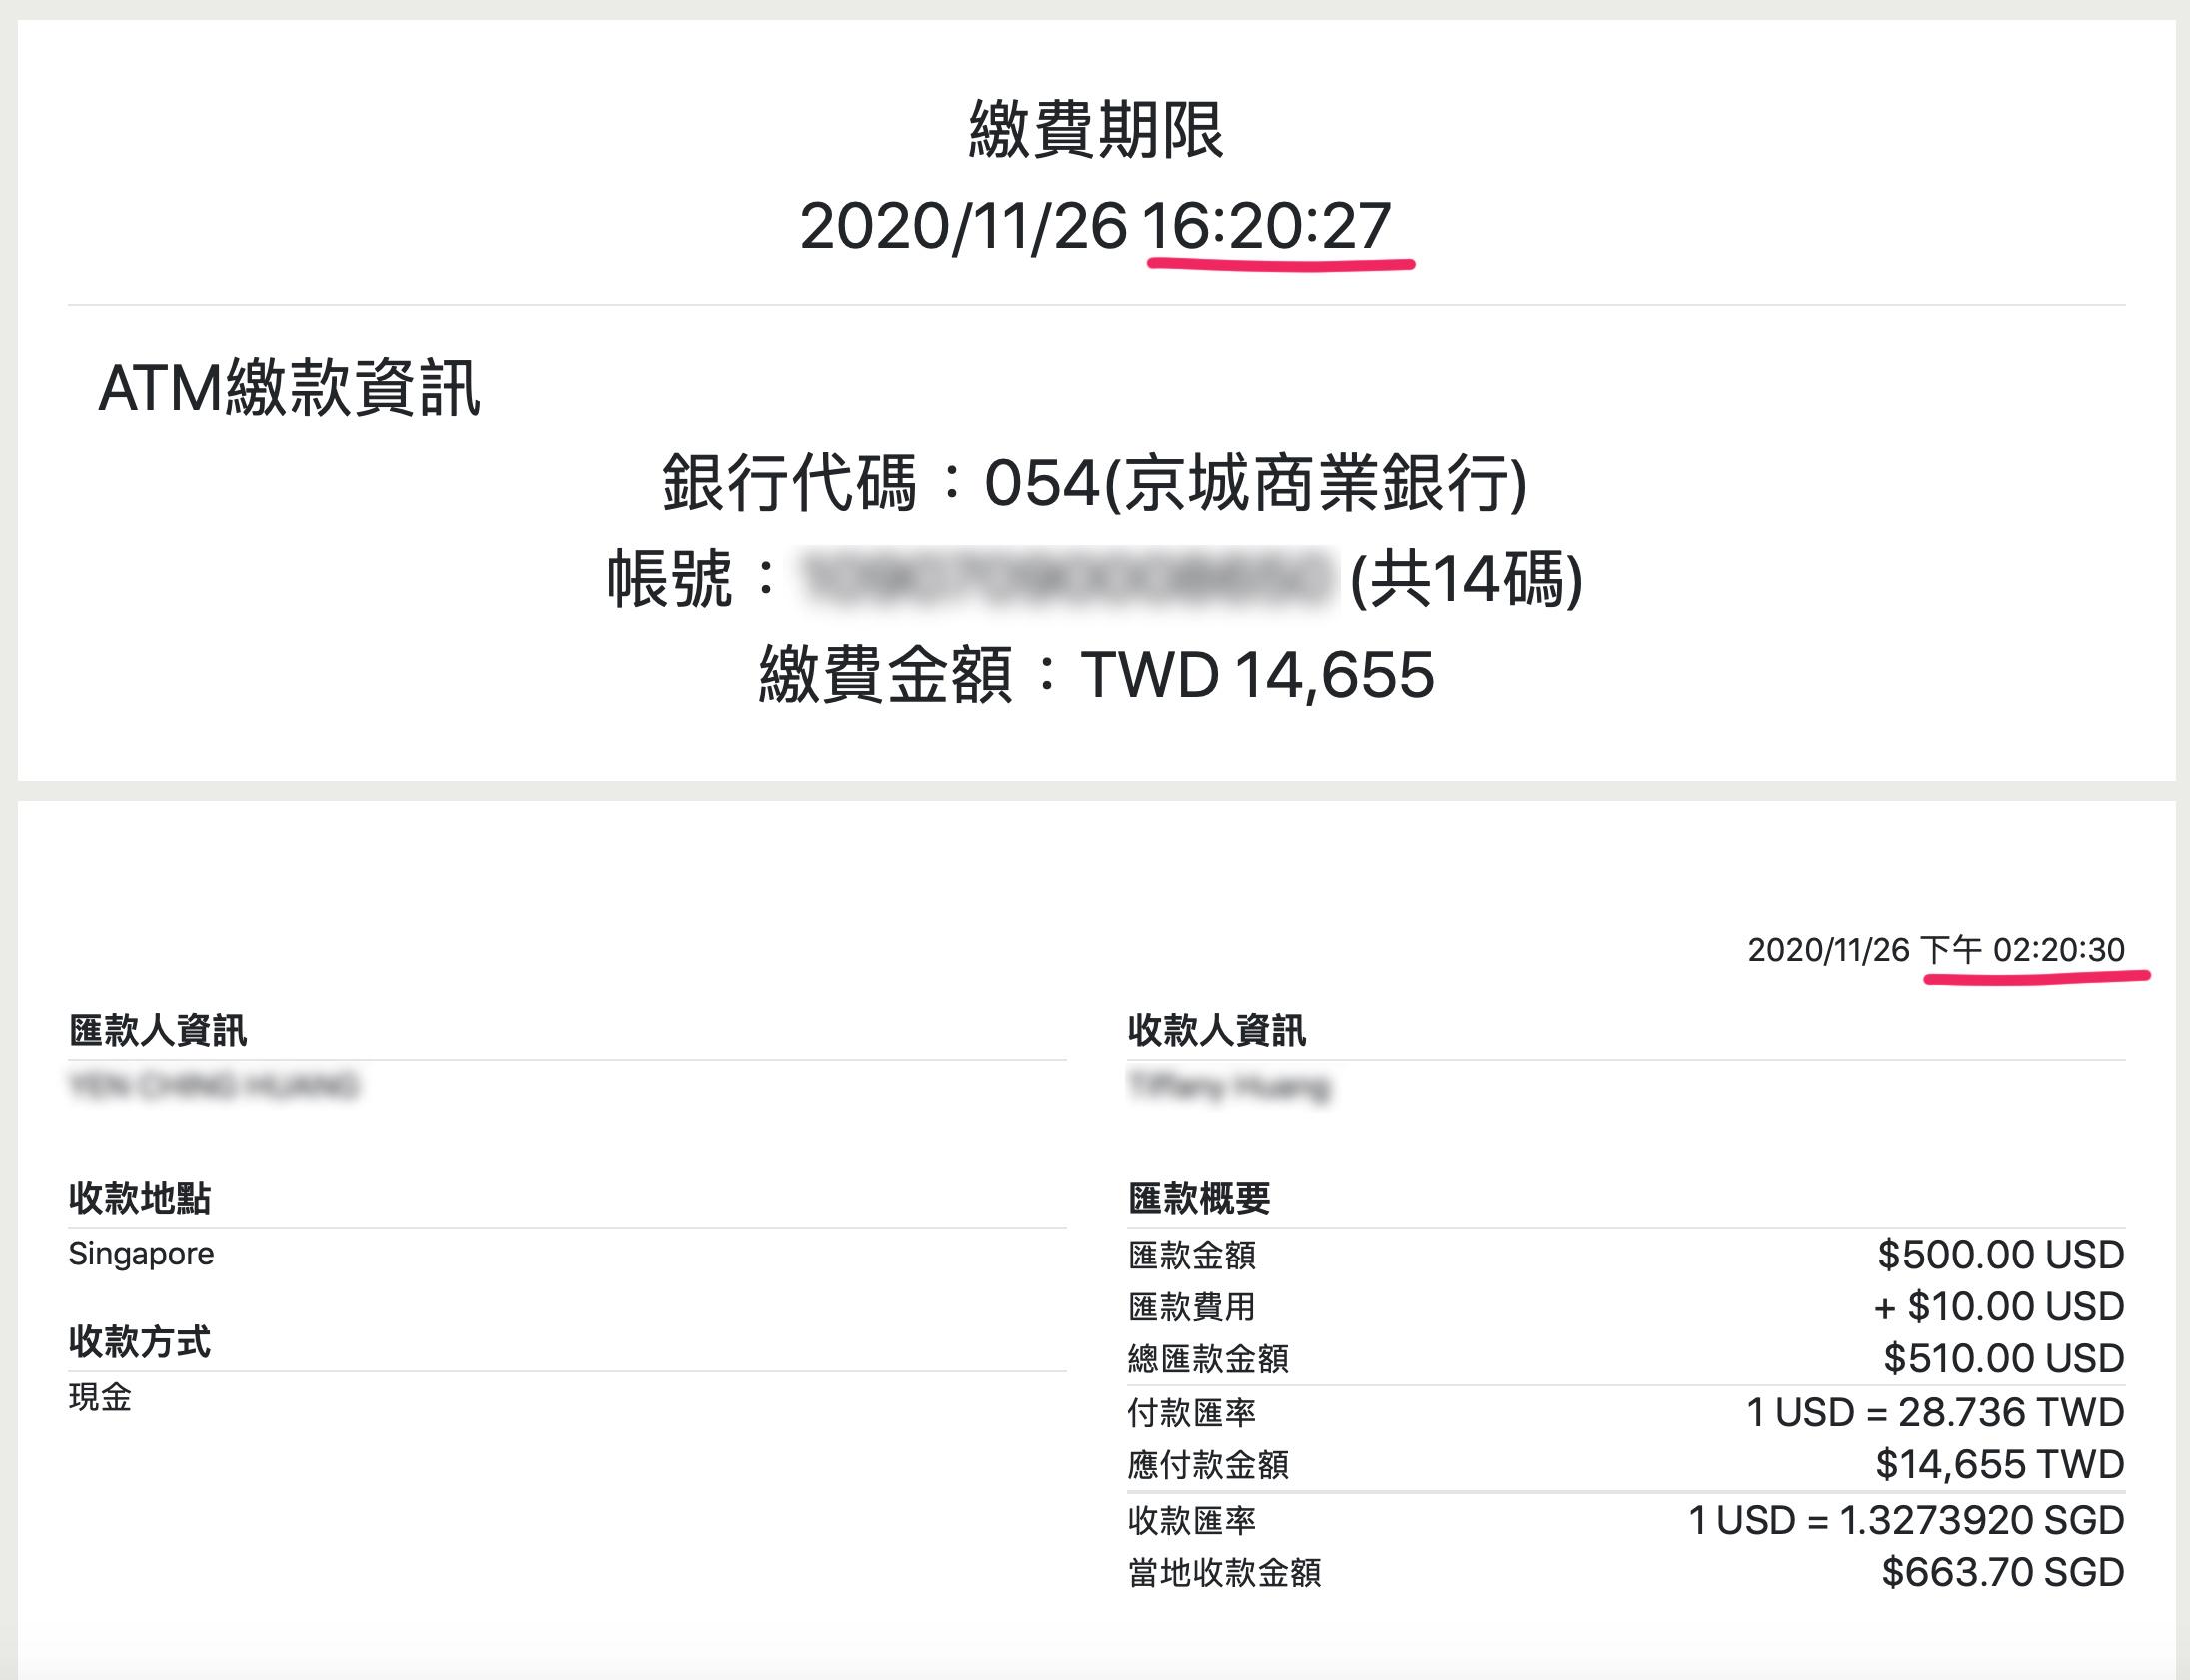 西聯匯款京速PAY 繳費期限須2小時內匯款完成